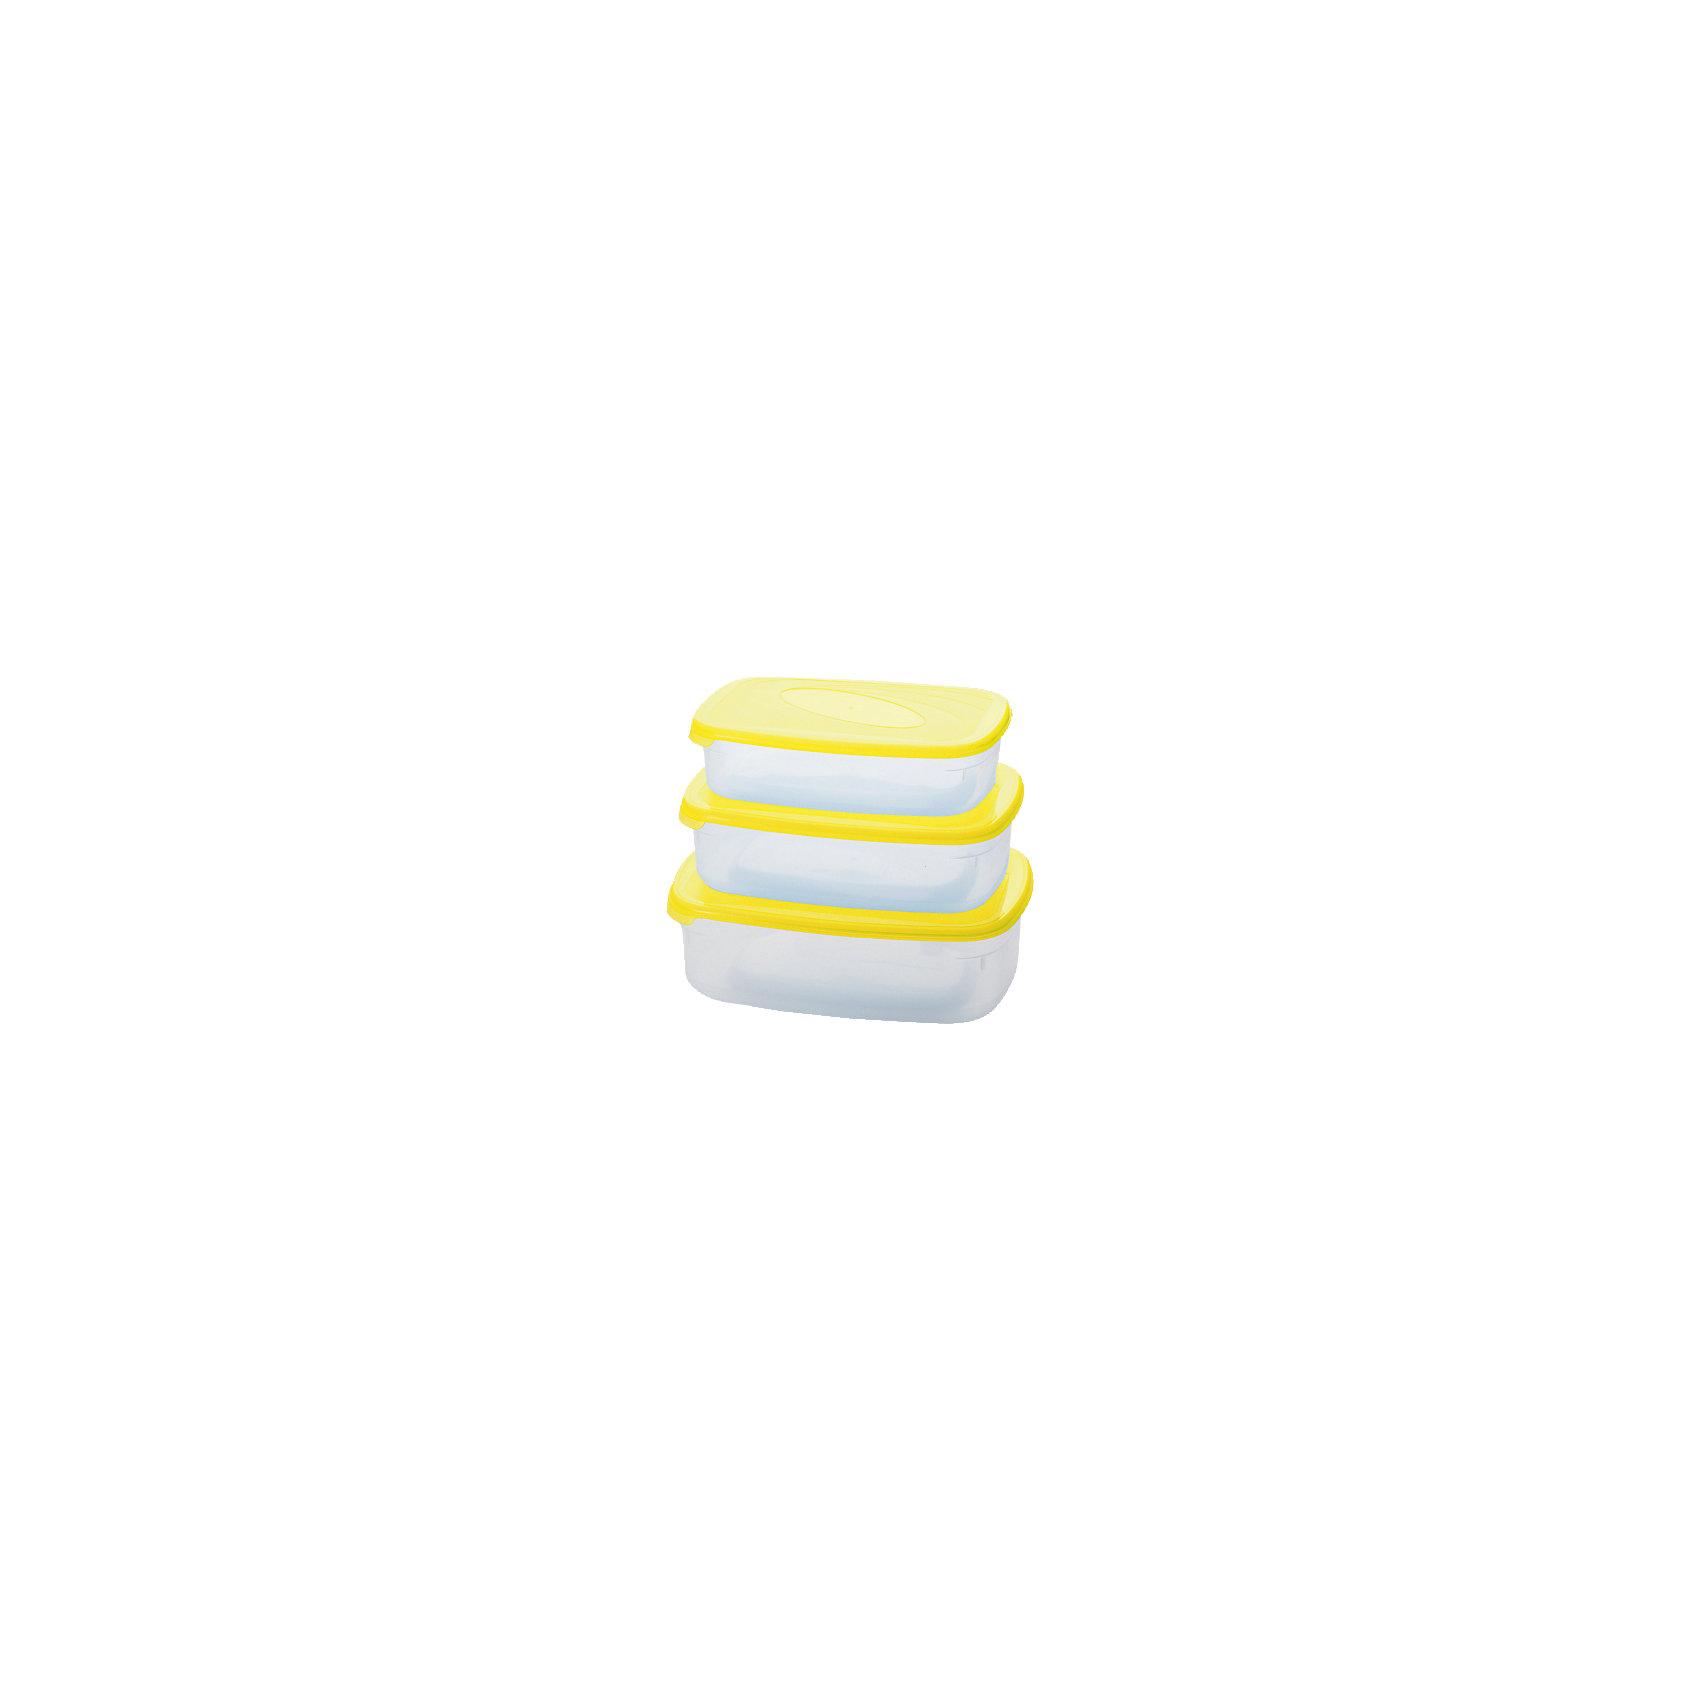 Комплект емкостей для СВЧ Galaxy прямоугольных 0,75+1,2+1,6л, Plastic CentreБутылки для воды и бутербродницы<br>Комплект емкостей для СВЧ Galaxy прямоугольных 0,75+1,2+1,6л, Plastic Centre<br><br>Характеристики:<br><br>• Материал: пластик<br>• Цвет: желтый<br>• В комплекте: 3 емкости<br>• Объем: 0,75, 1,2 и 1,6 литров<br><br>Эти удобные квадратные емкости можно использовать как для хранения еды в холодильнике, так и для ее разогрева в микроволновой печи. Удобный эргономичный дизайн обеспечивает практичность хранения и возможность не занимать много места - емкости легко ставятся друг на друга. Изделия выполнены их высококачественного пластика и безопасны для пищевых продуктов.<br><br>Комплект емкостей для СВЧ Galaxy прямоугольных 0,75+1,2+1,6л, Plastic Centre можно купить в нашем интернет-магазине.<br><br>Ширина мм: 222<br>Глубина мм: 155<br>Высота мм: 70<br>Вес г: 275<br>Возраст от месяцев: 216<br>Возраст до месяцев: 1188<br>Пол: Унисекс<br>Возраст: Детский<br>SKU: 5545702